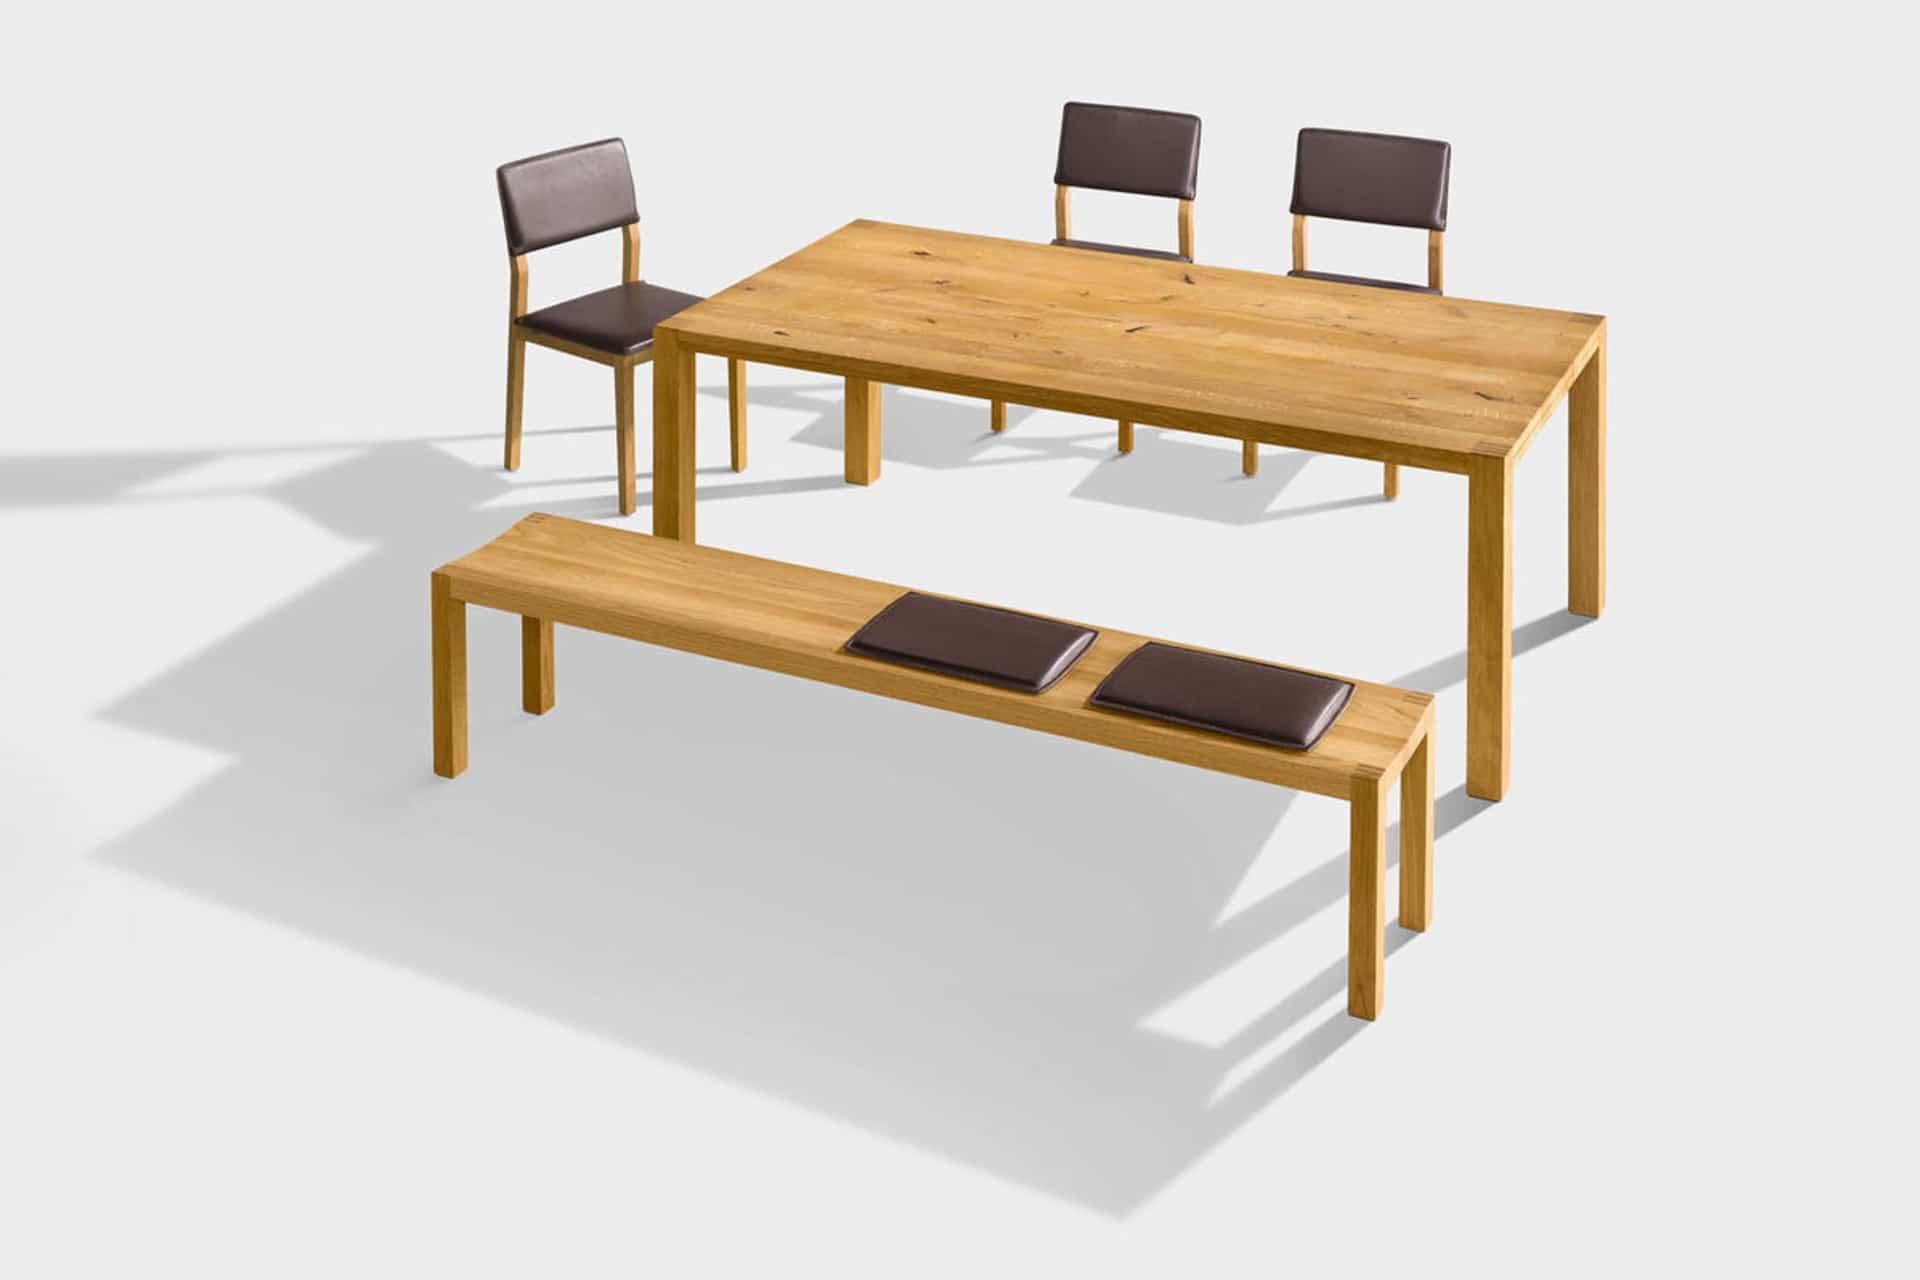 bank loft kohler nat rlich einrichten naturholzm bel team 7 naturm bel massivholzm bel. Black Bedroom Furniture Sets. Home Design Ideas